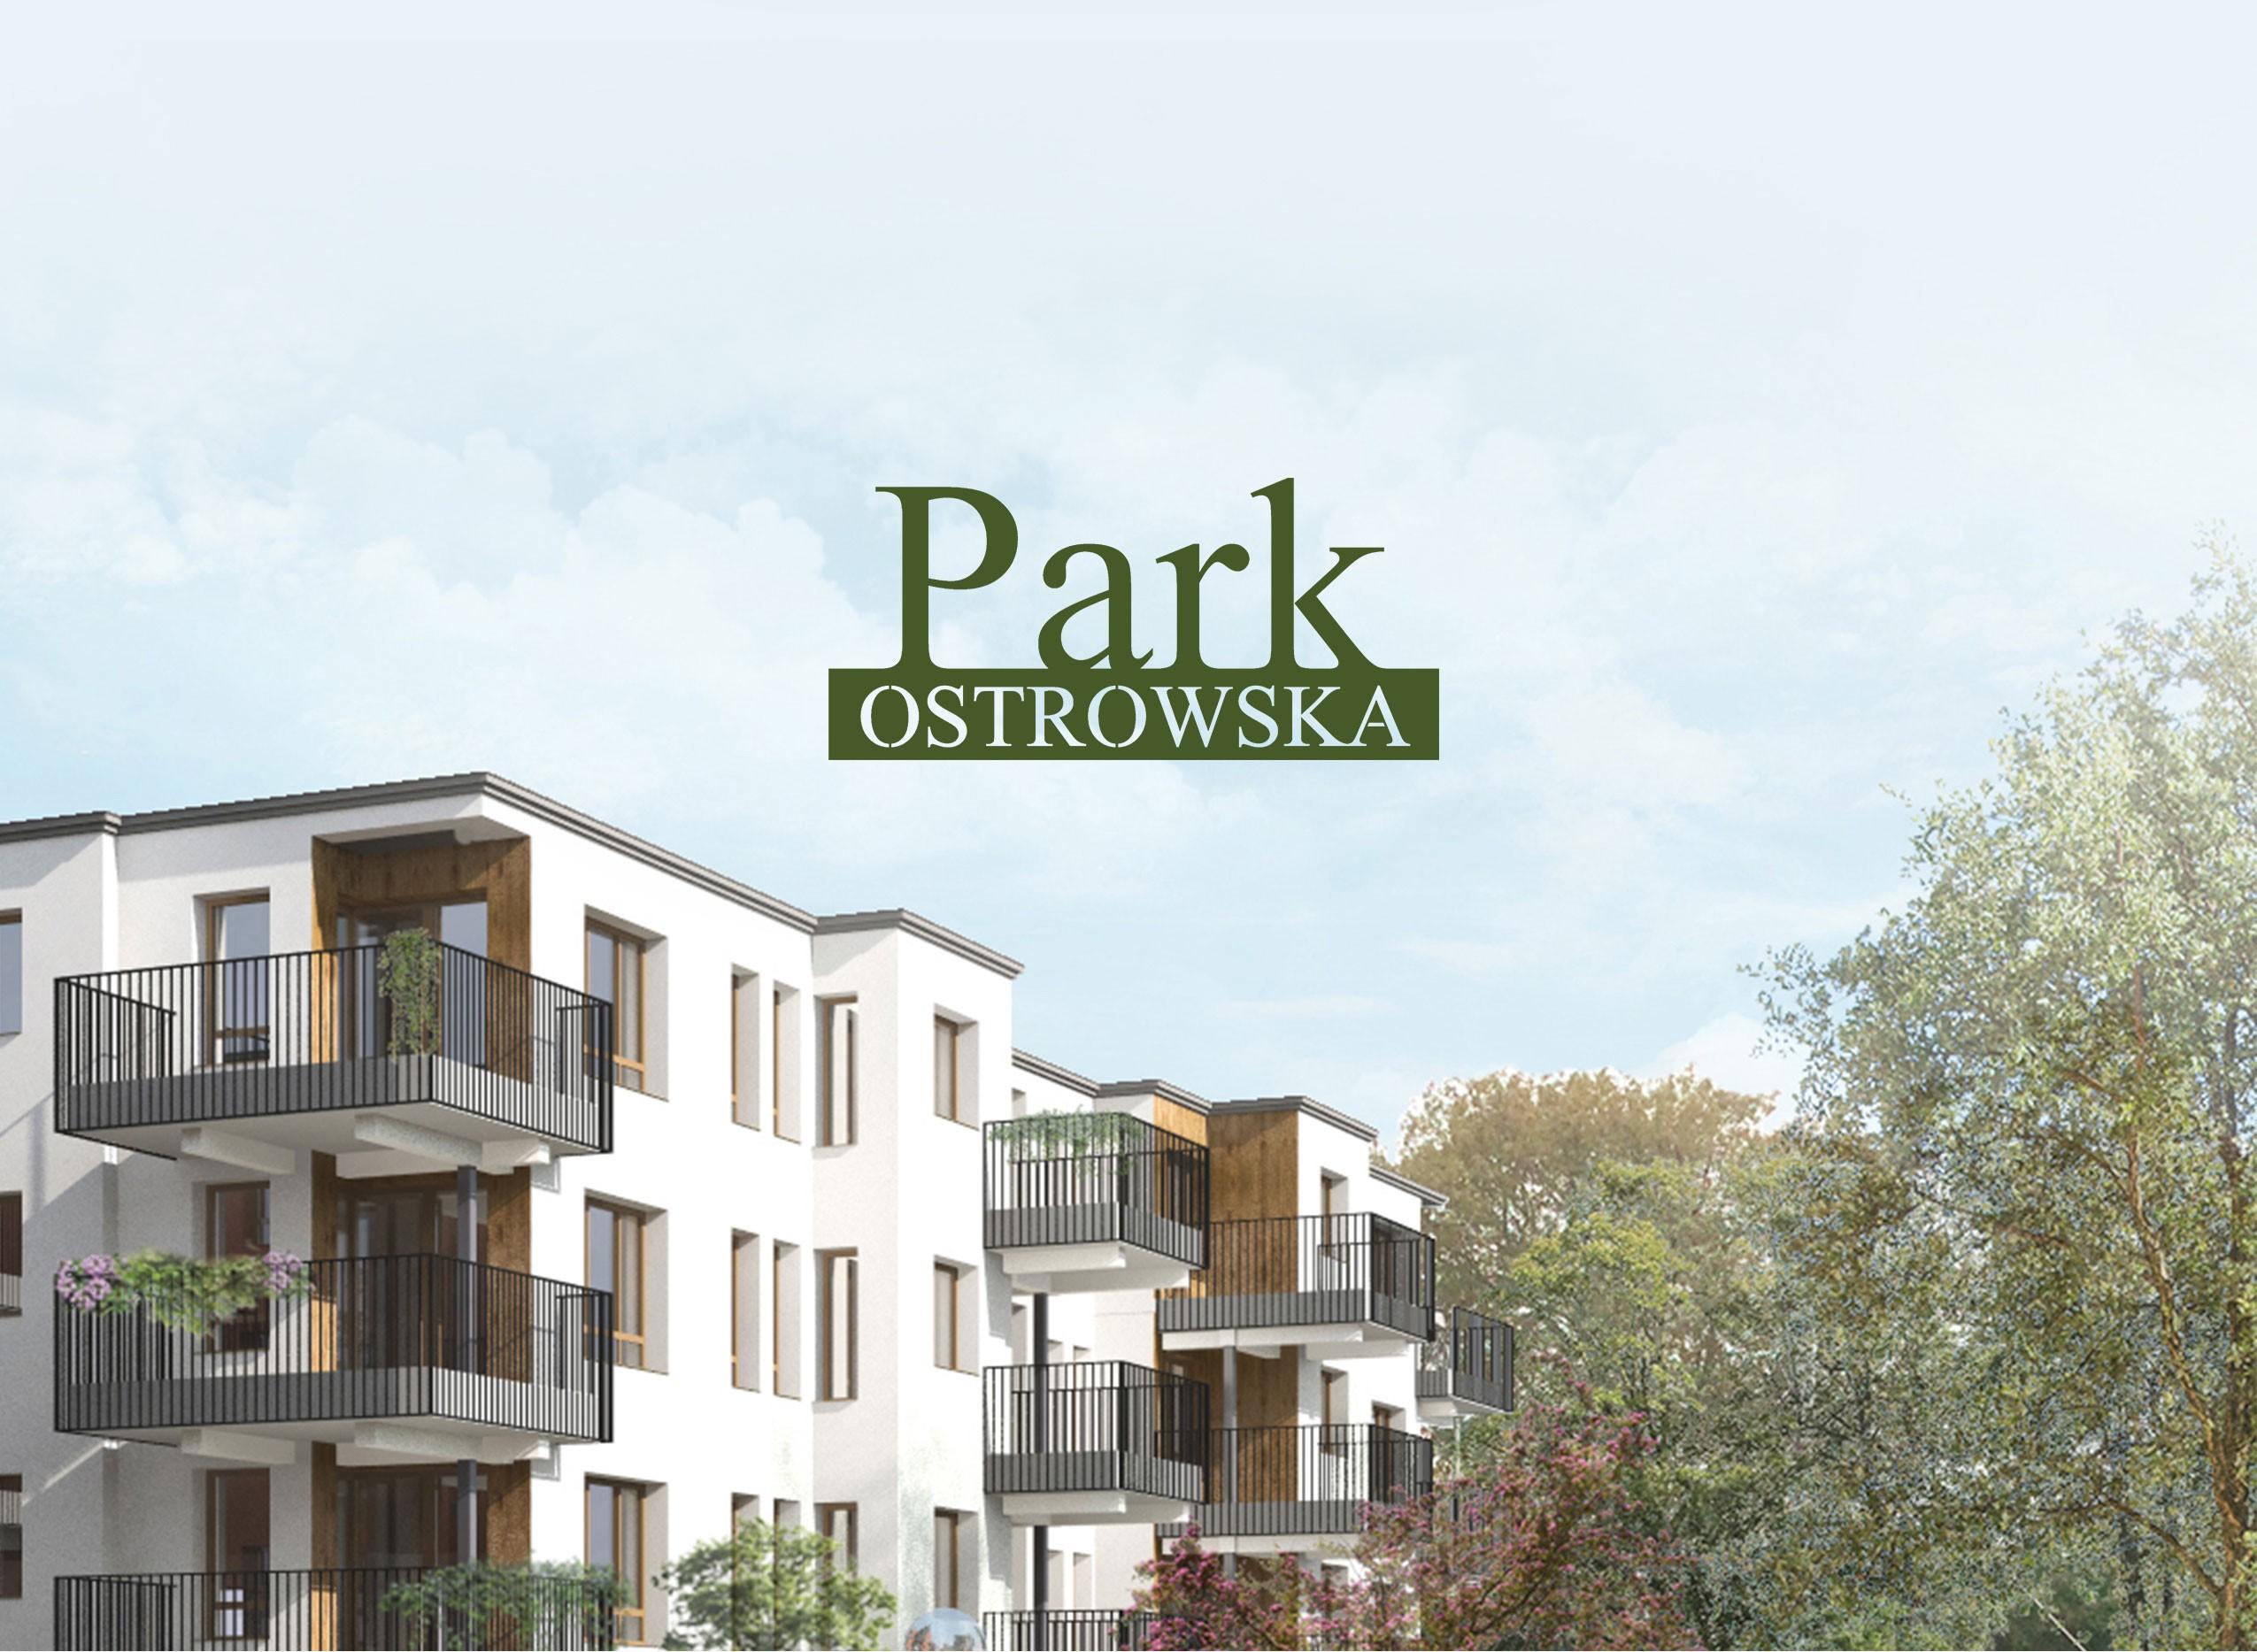 Park Ostrowska tło